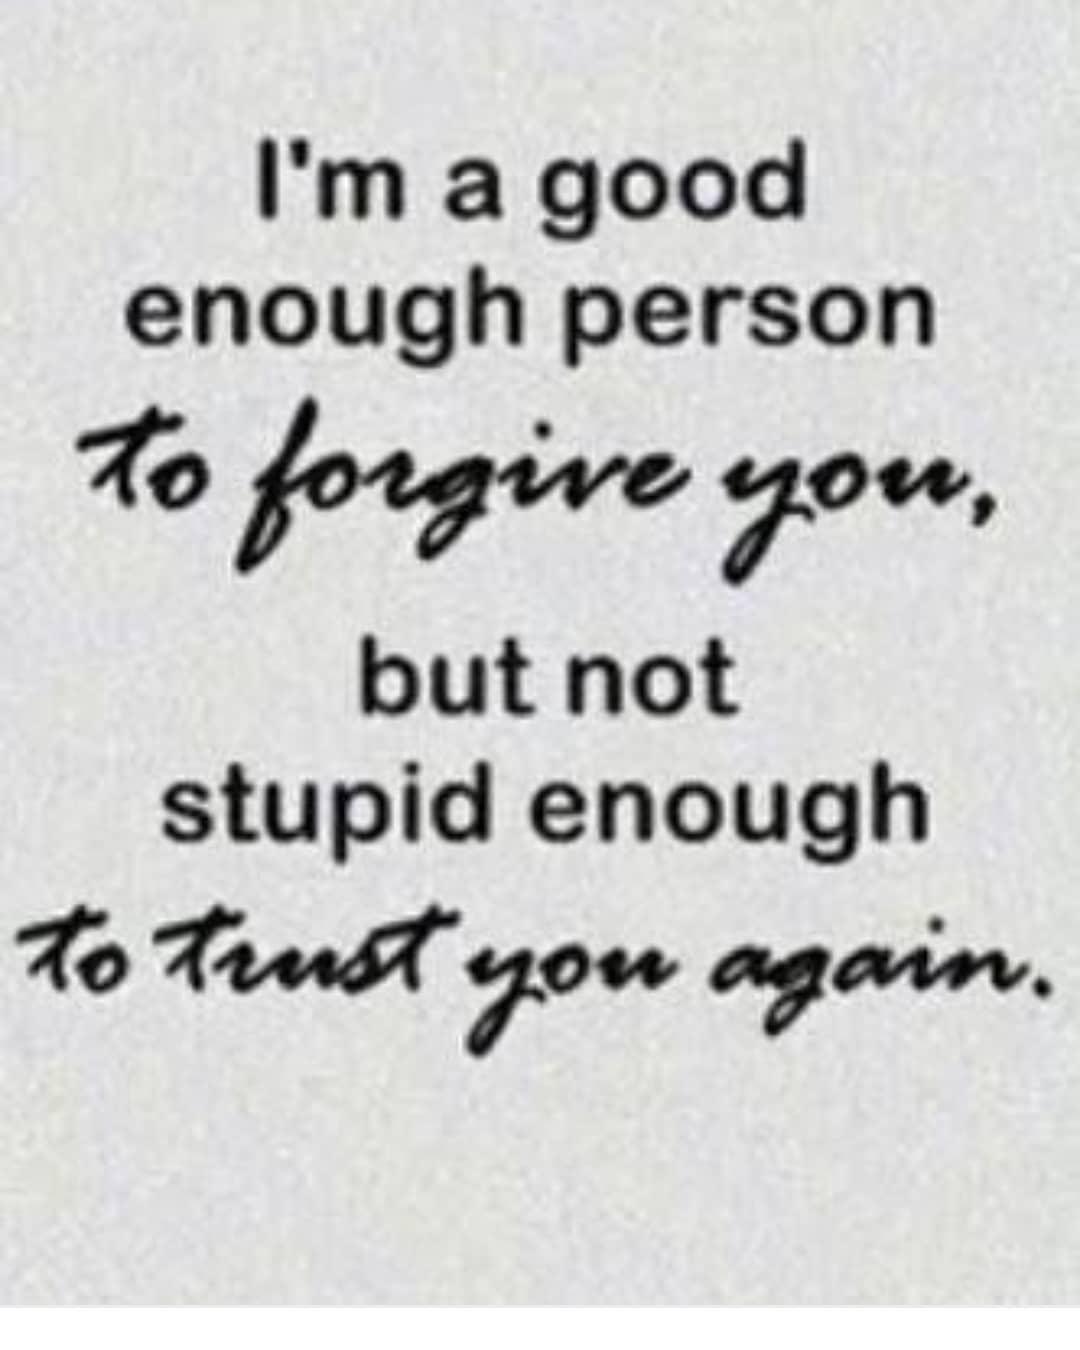 You are good enough meme 143164-Youre good enough meme